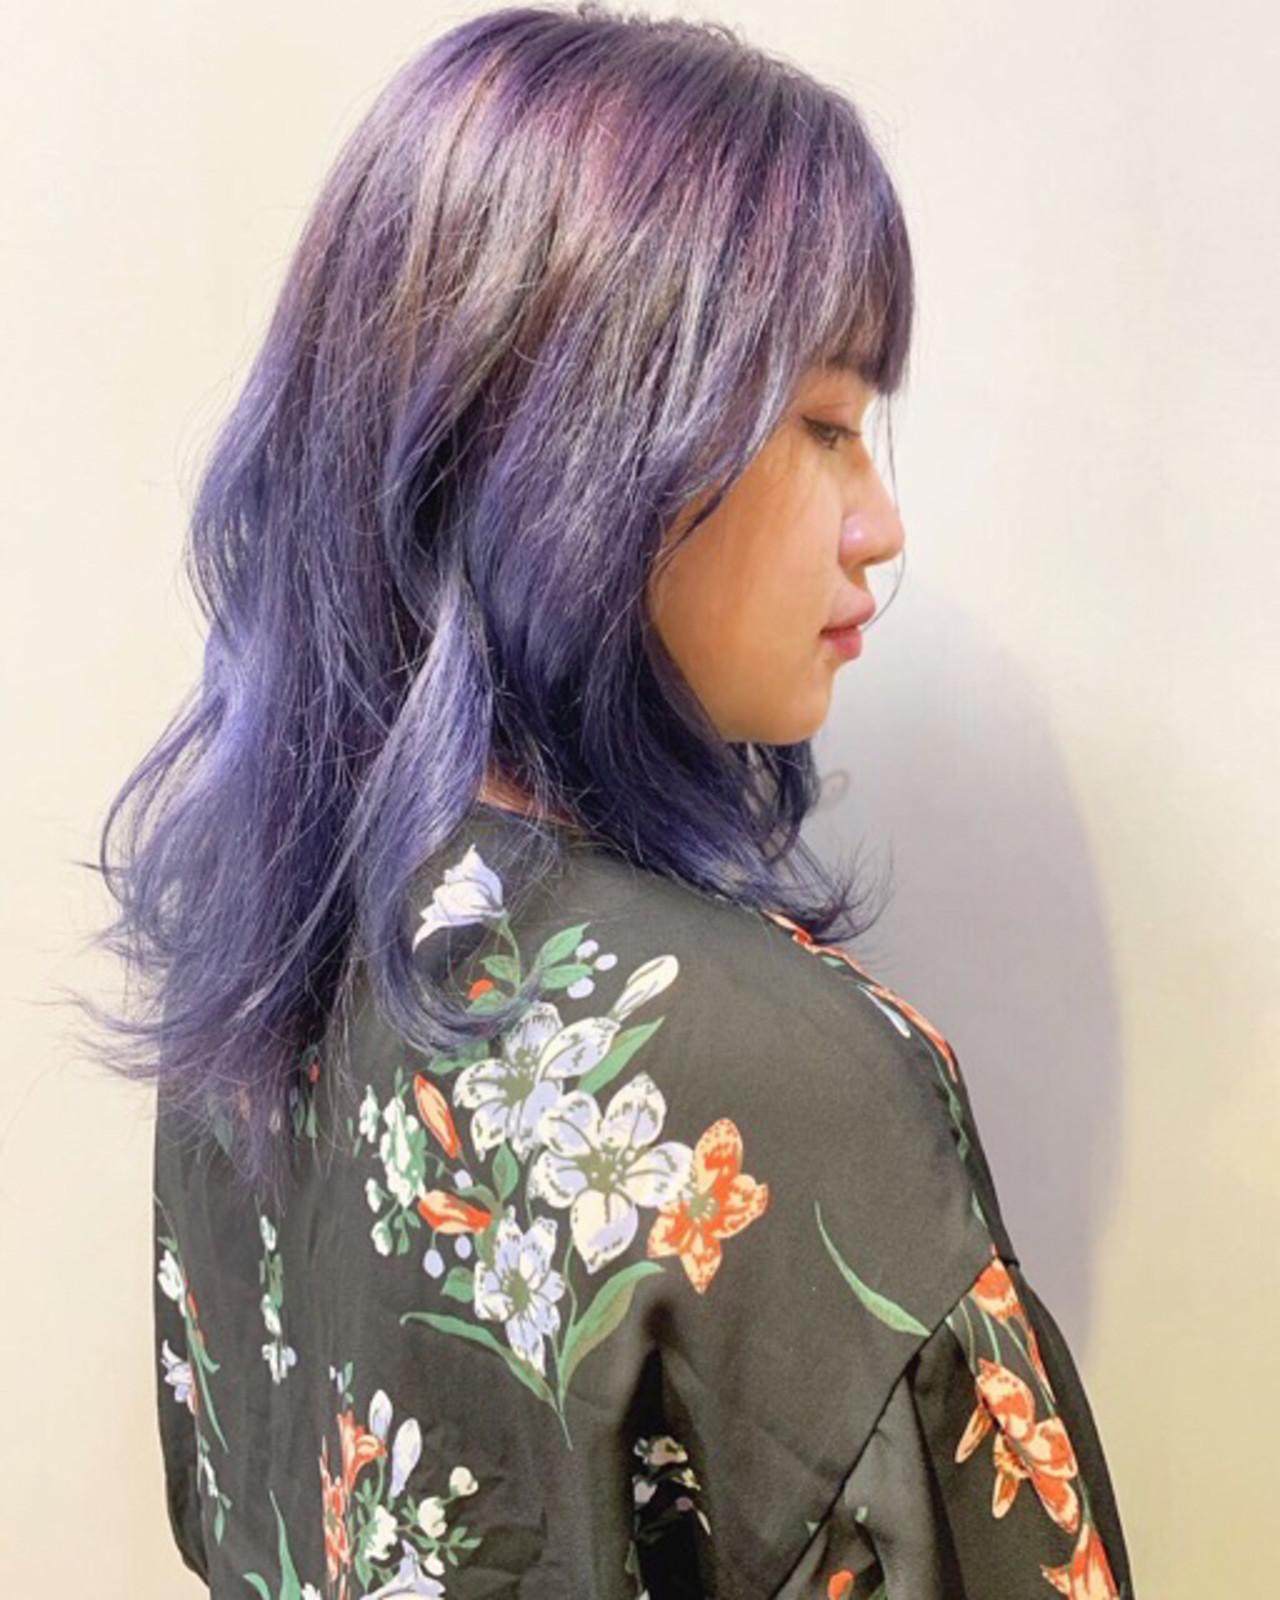 ラベンダー ラベンダーピンク ストリート ミディアム ヘアスタイルや髪型の写真・画像 | COM PASS 太一 / COM PASS